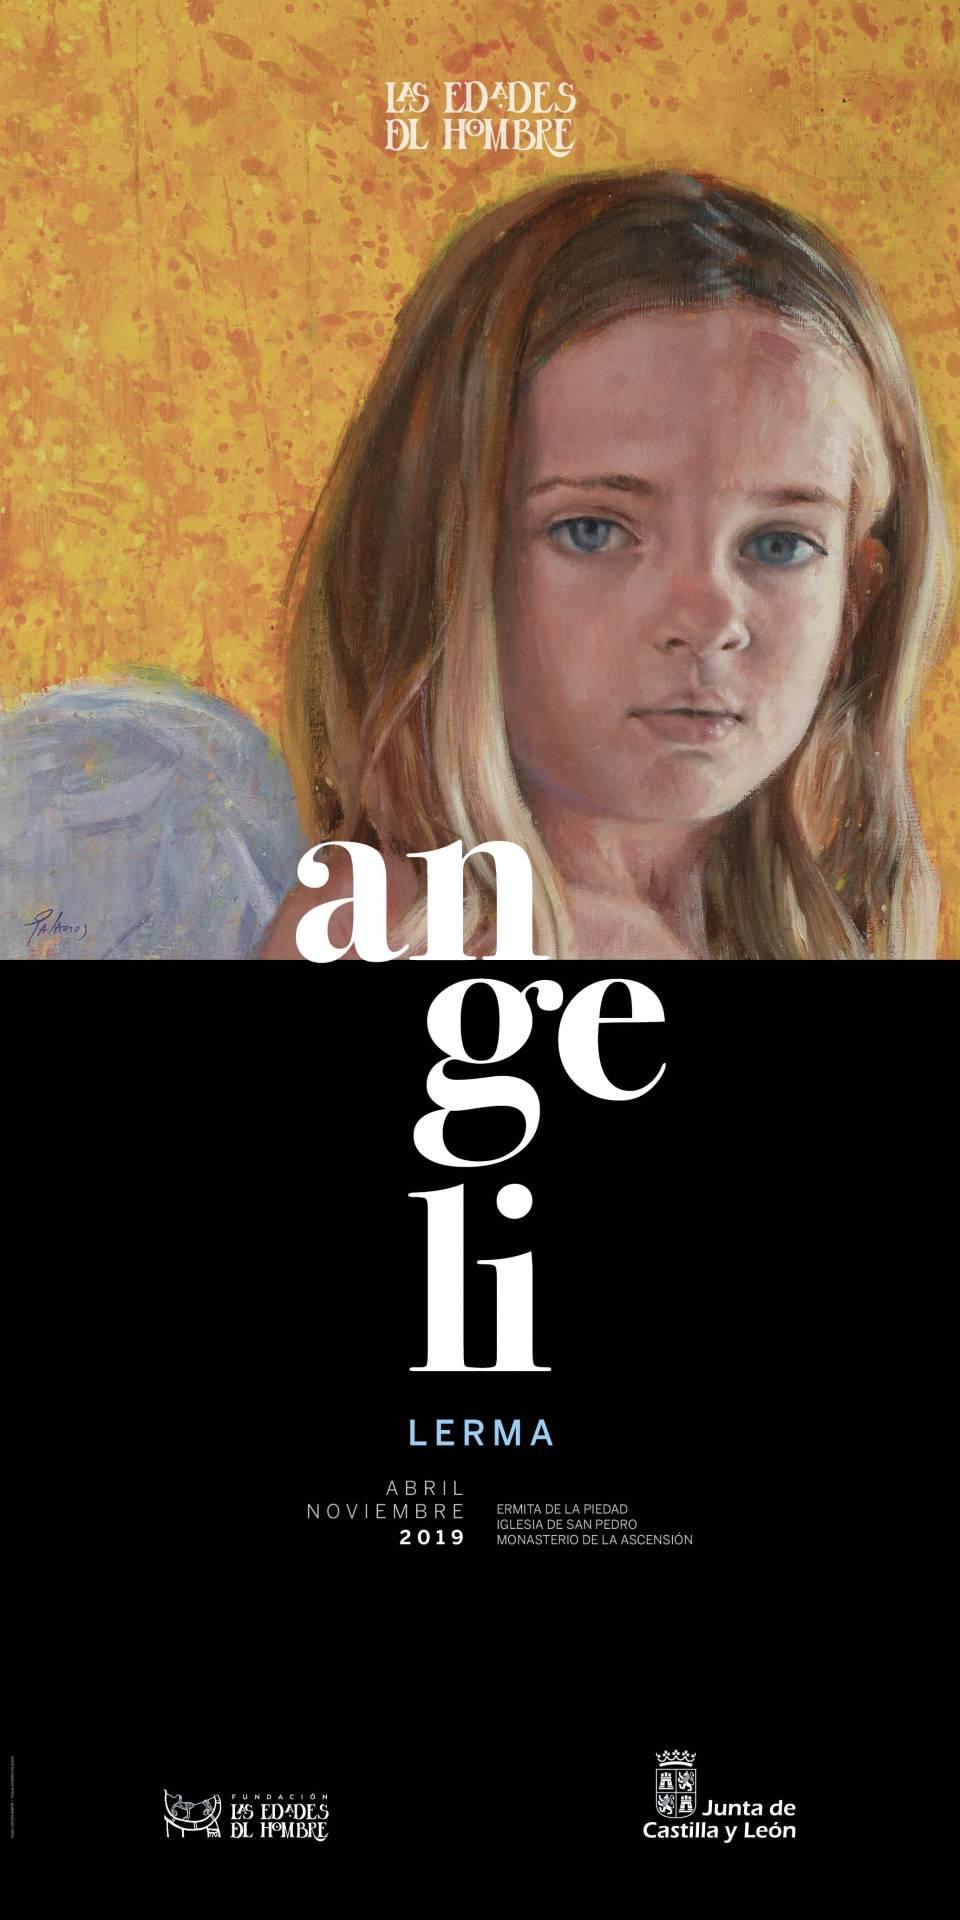 cartel edades lerma